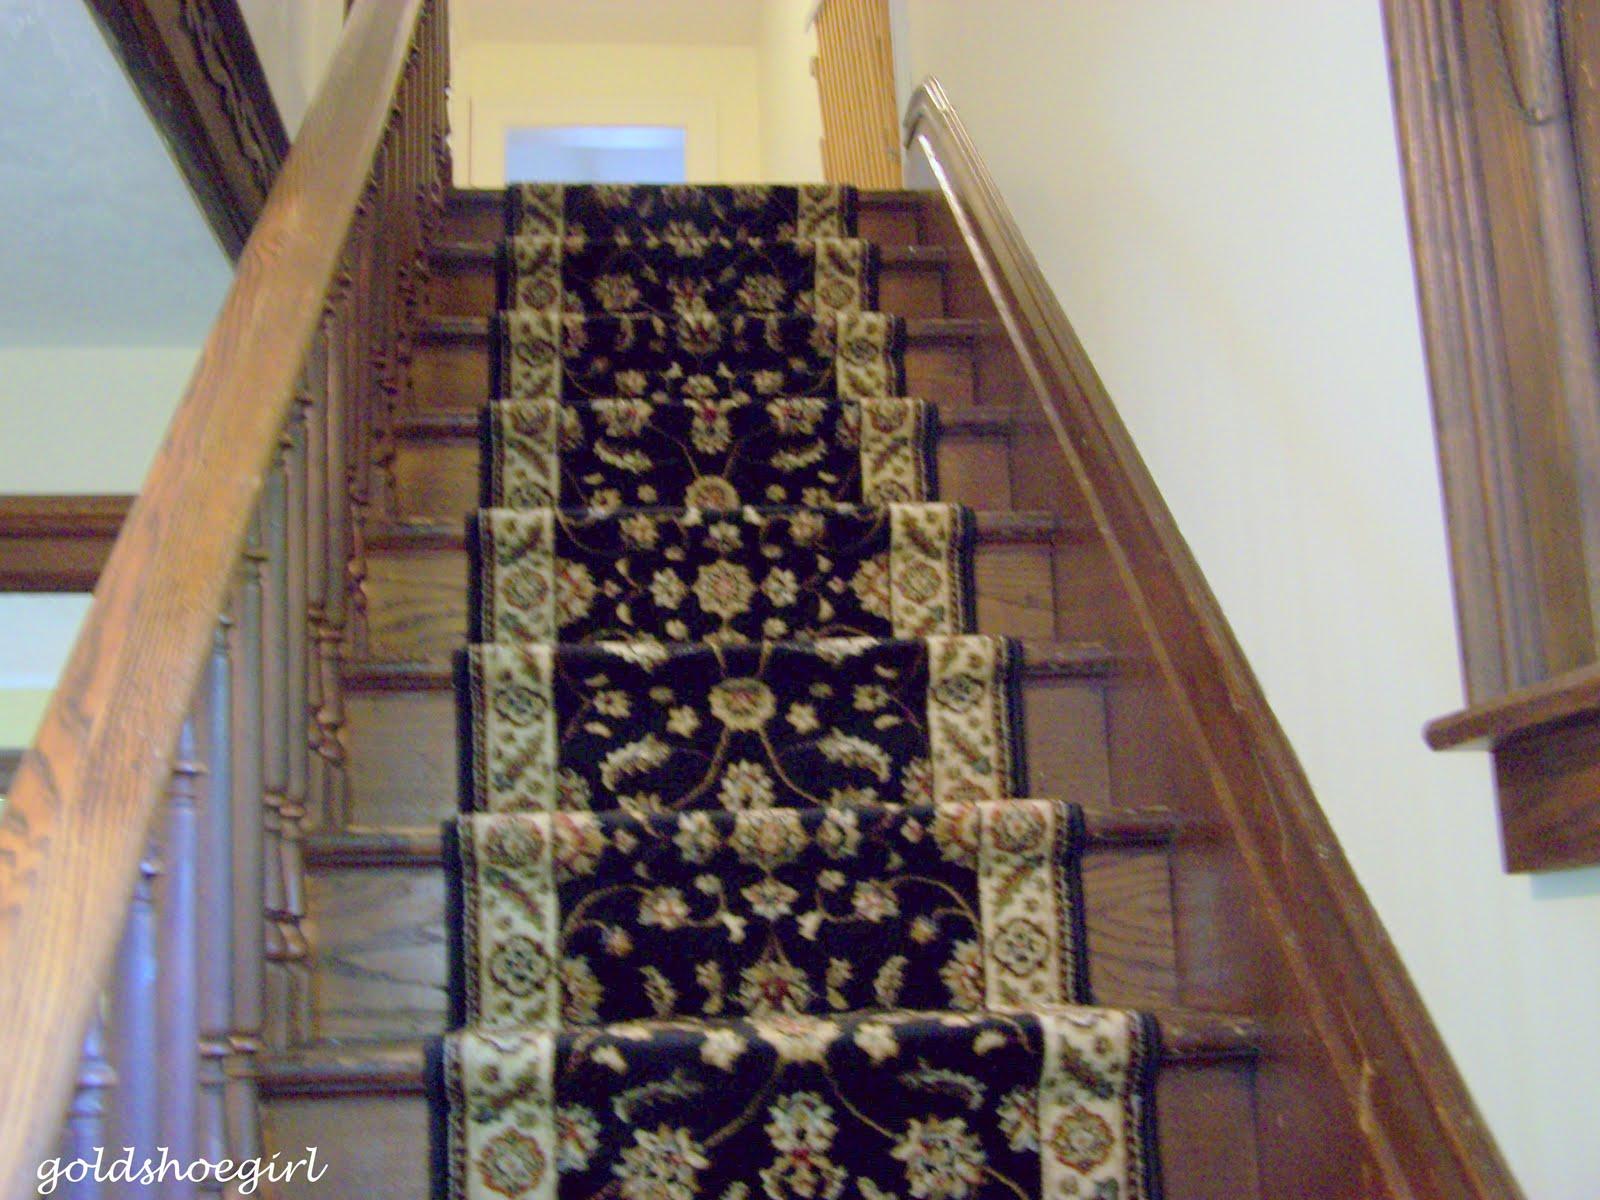 Install Plastic Stair Runner Over Carpet Menzilperde